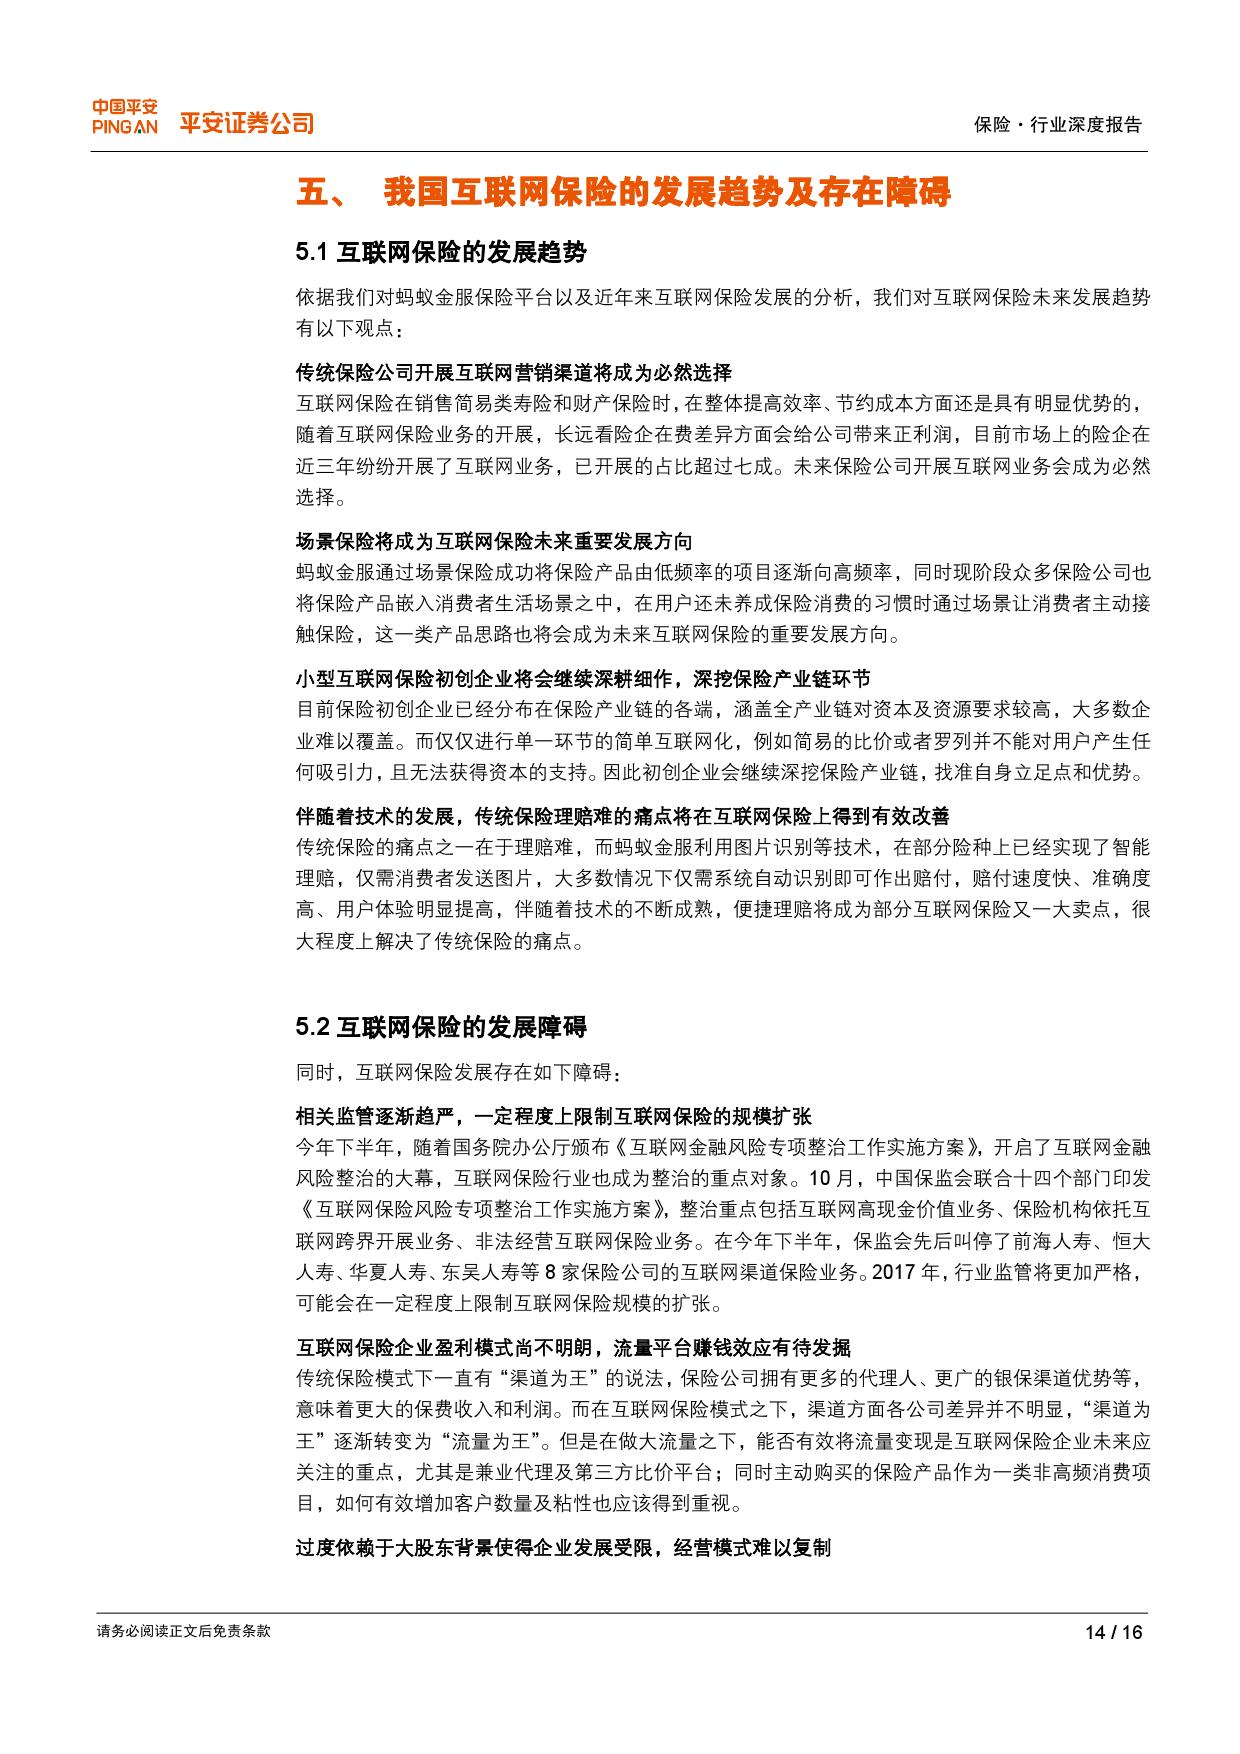 保险行业资讯_保险行业深度报告:从蚂蚁金服看我国互联网保险的发展(附 ...